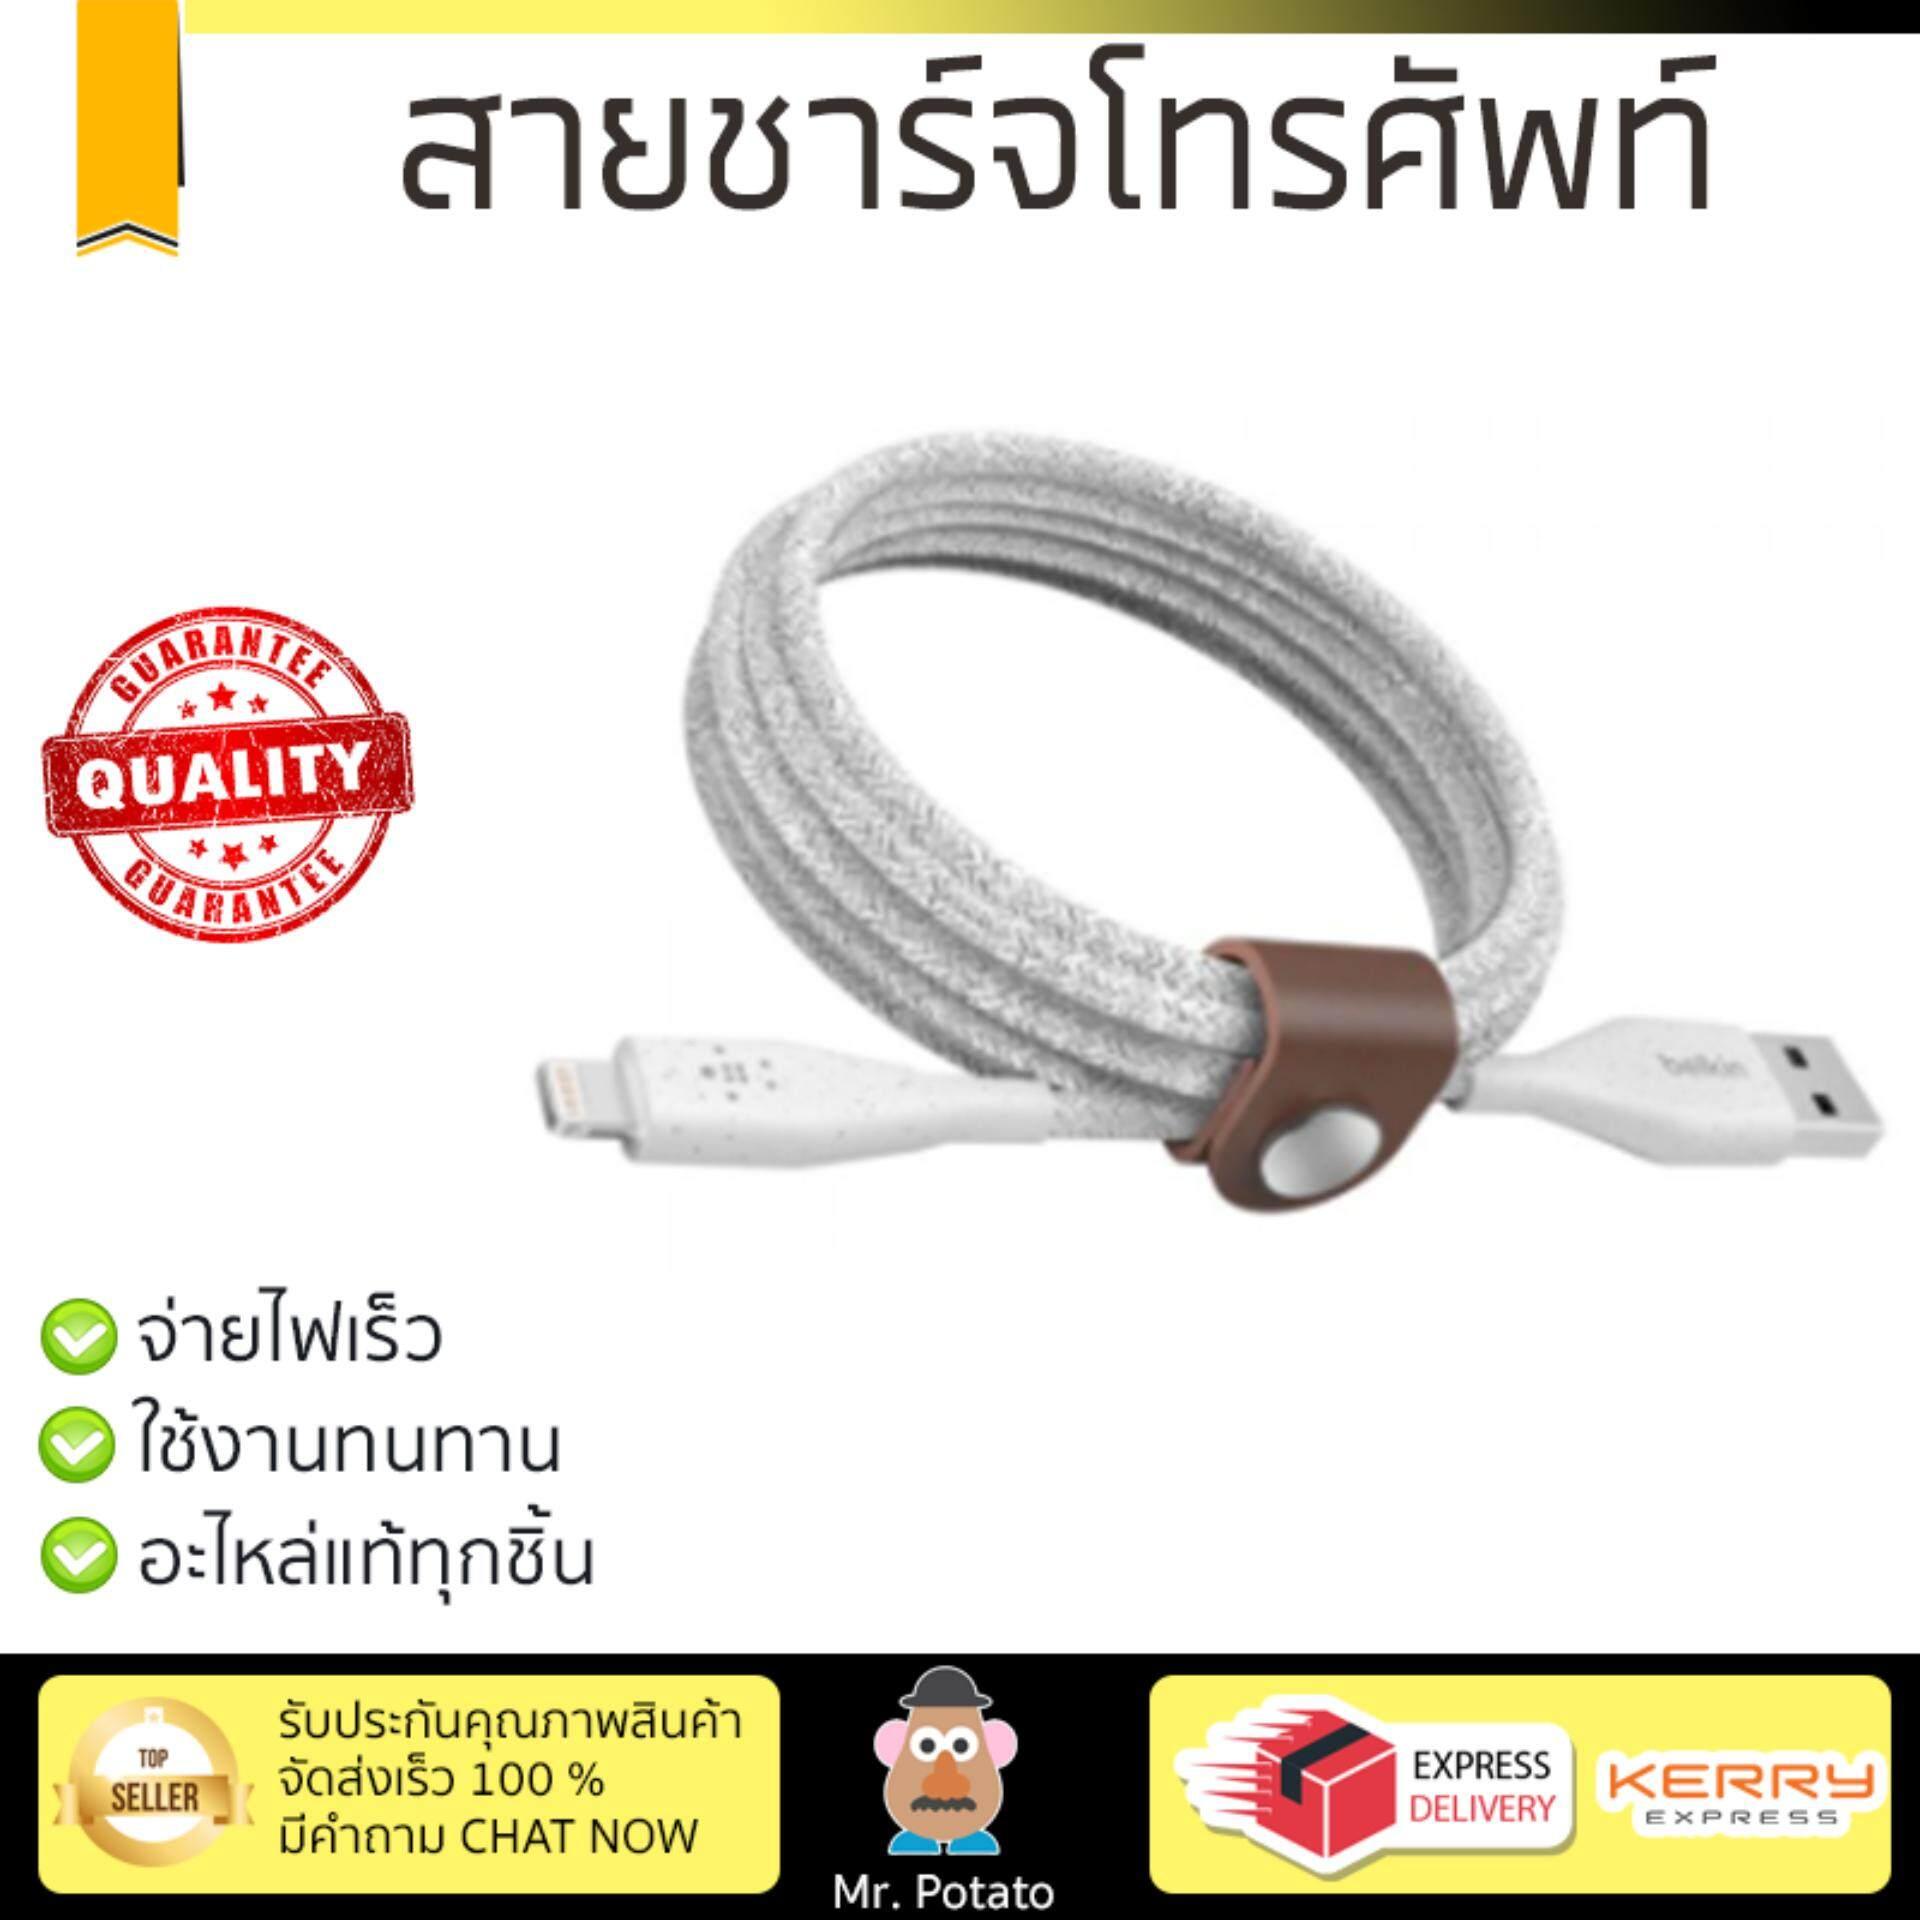 สุดยอดสินค้า!! ราคาพิเศษ รุ่นยอดนิยม สายชาร์จโทรศัพท์ Belkin MixIT Lightning Cable Duratek 1.2M. White (F8J236bt04-WTH) สายชาร์จทนทาน แข็งแรง จ่ายไฟเร็ว Mobile Cable จัดส่งฟรี Kerry ทั่วประเทศ